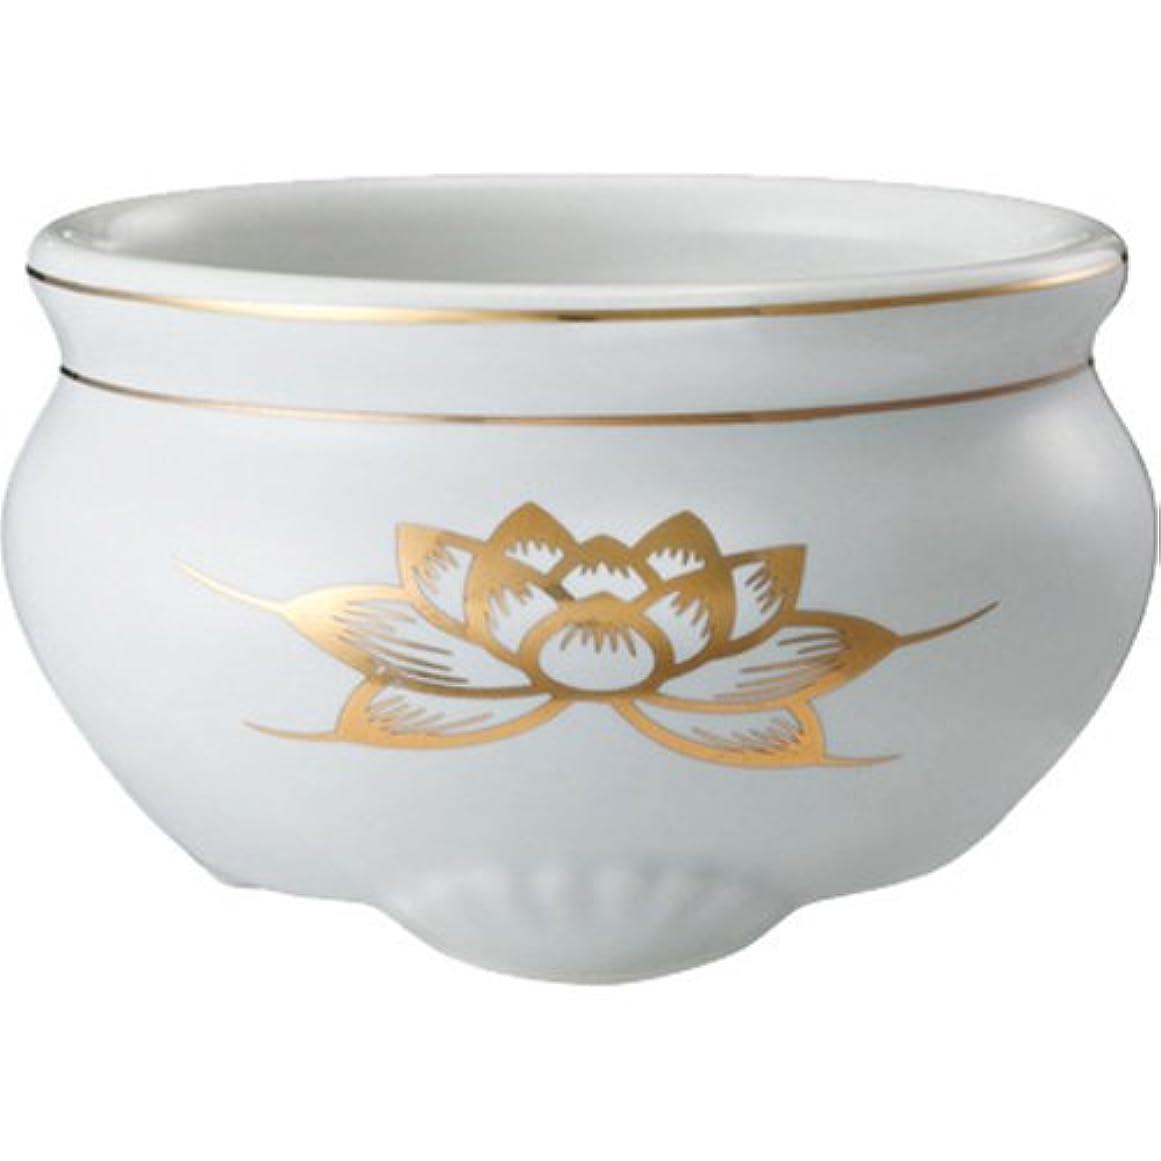 渦衝動見ました日本香堂 香炉 ミニ陶器白磁